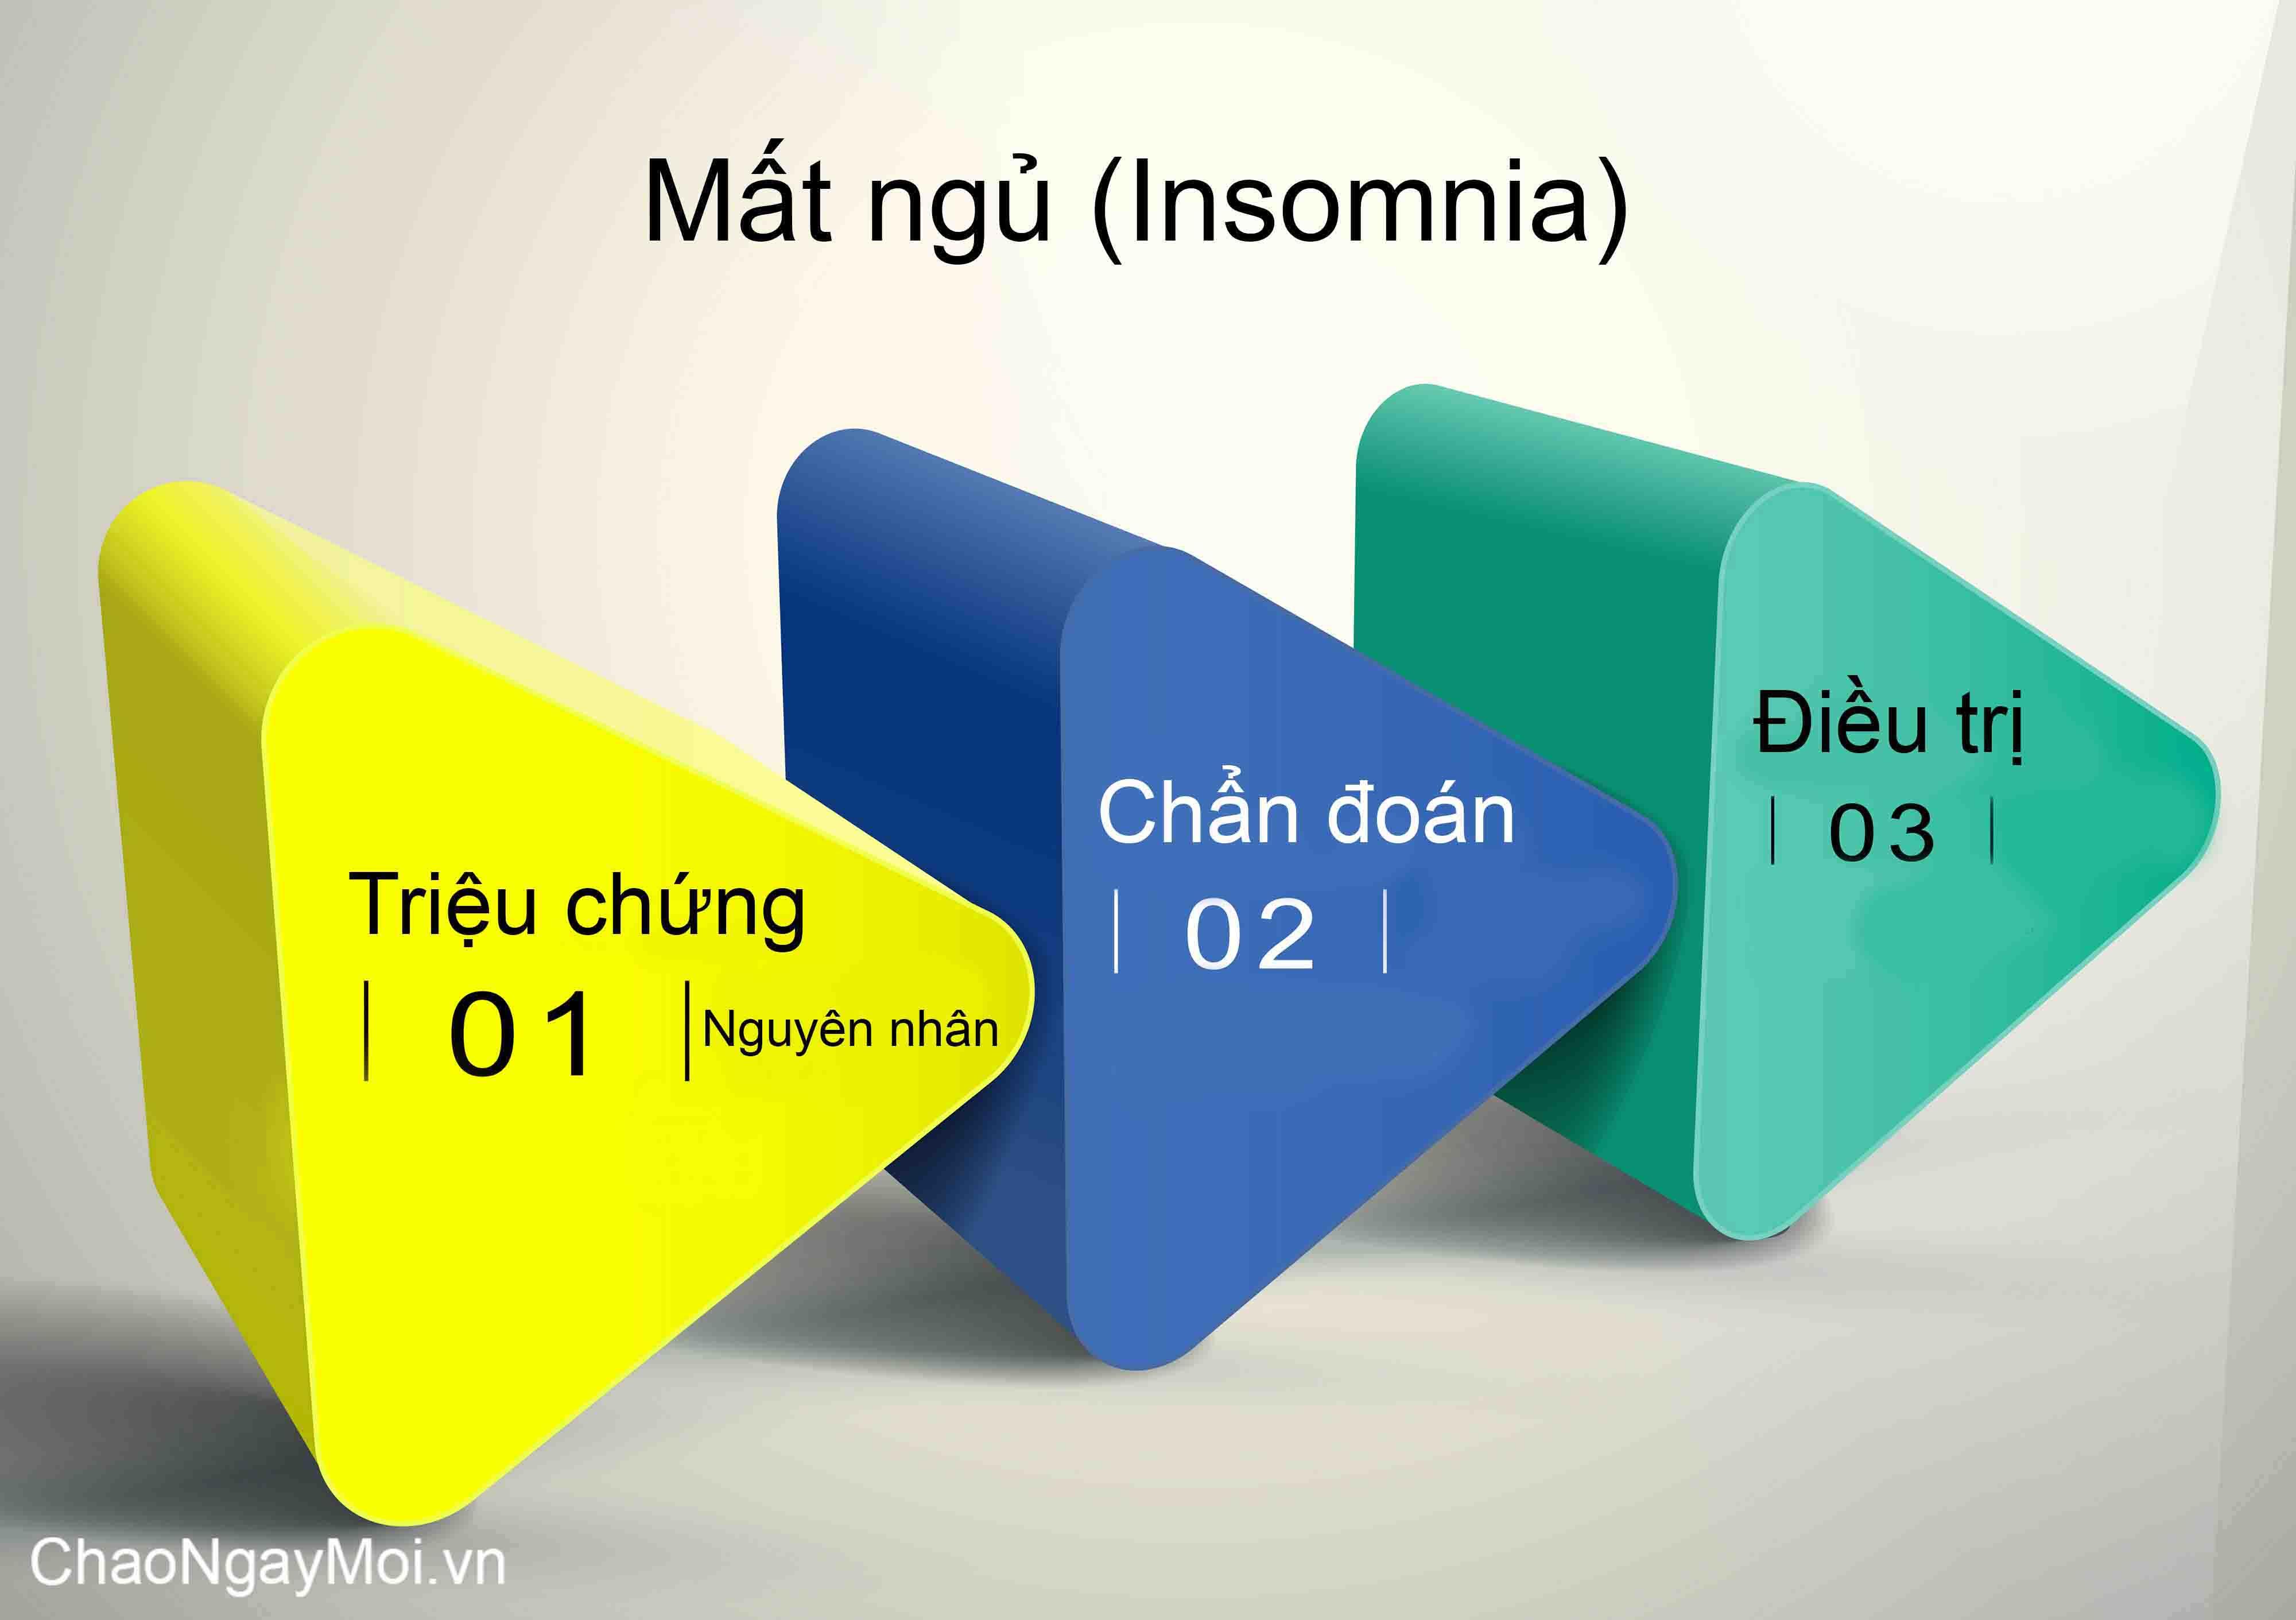 Mất ngủ, triệu chứng mất ngủ, nguyên nhân mất ngủ, cách trị mất ngủ